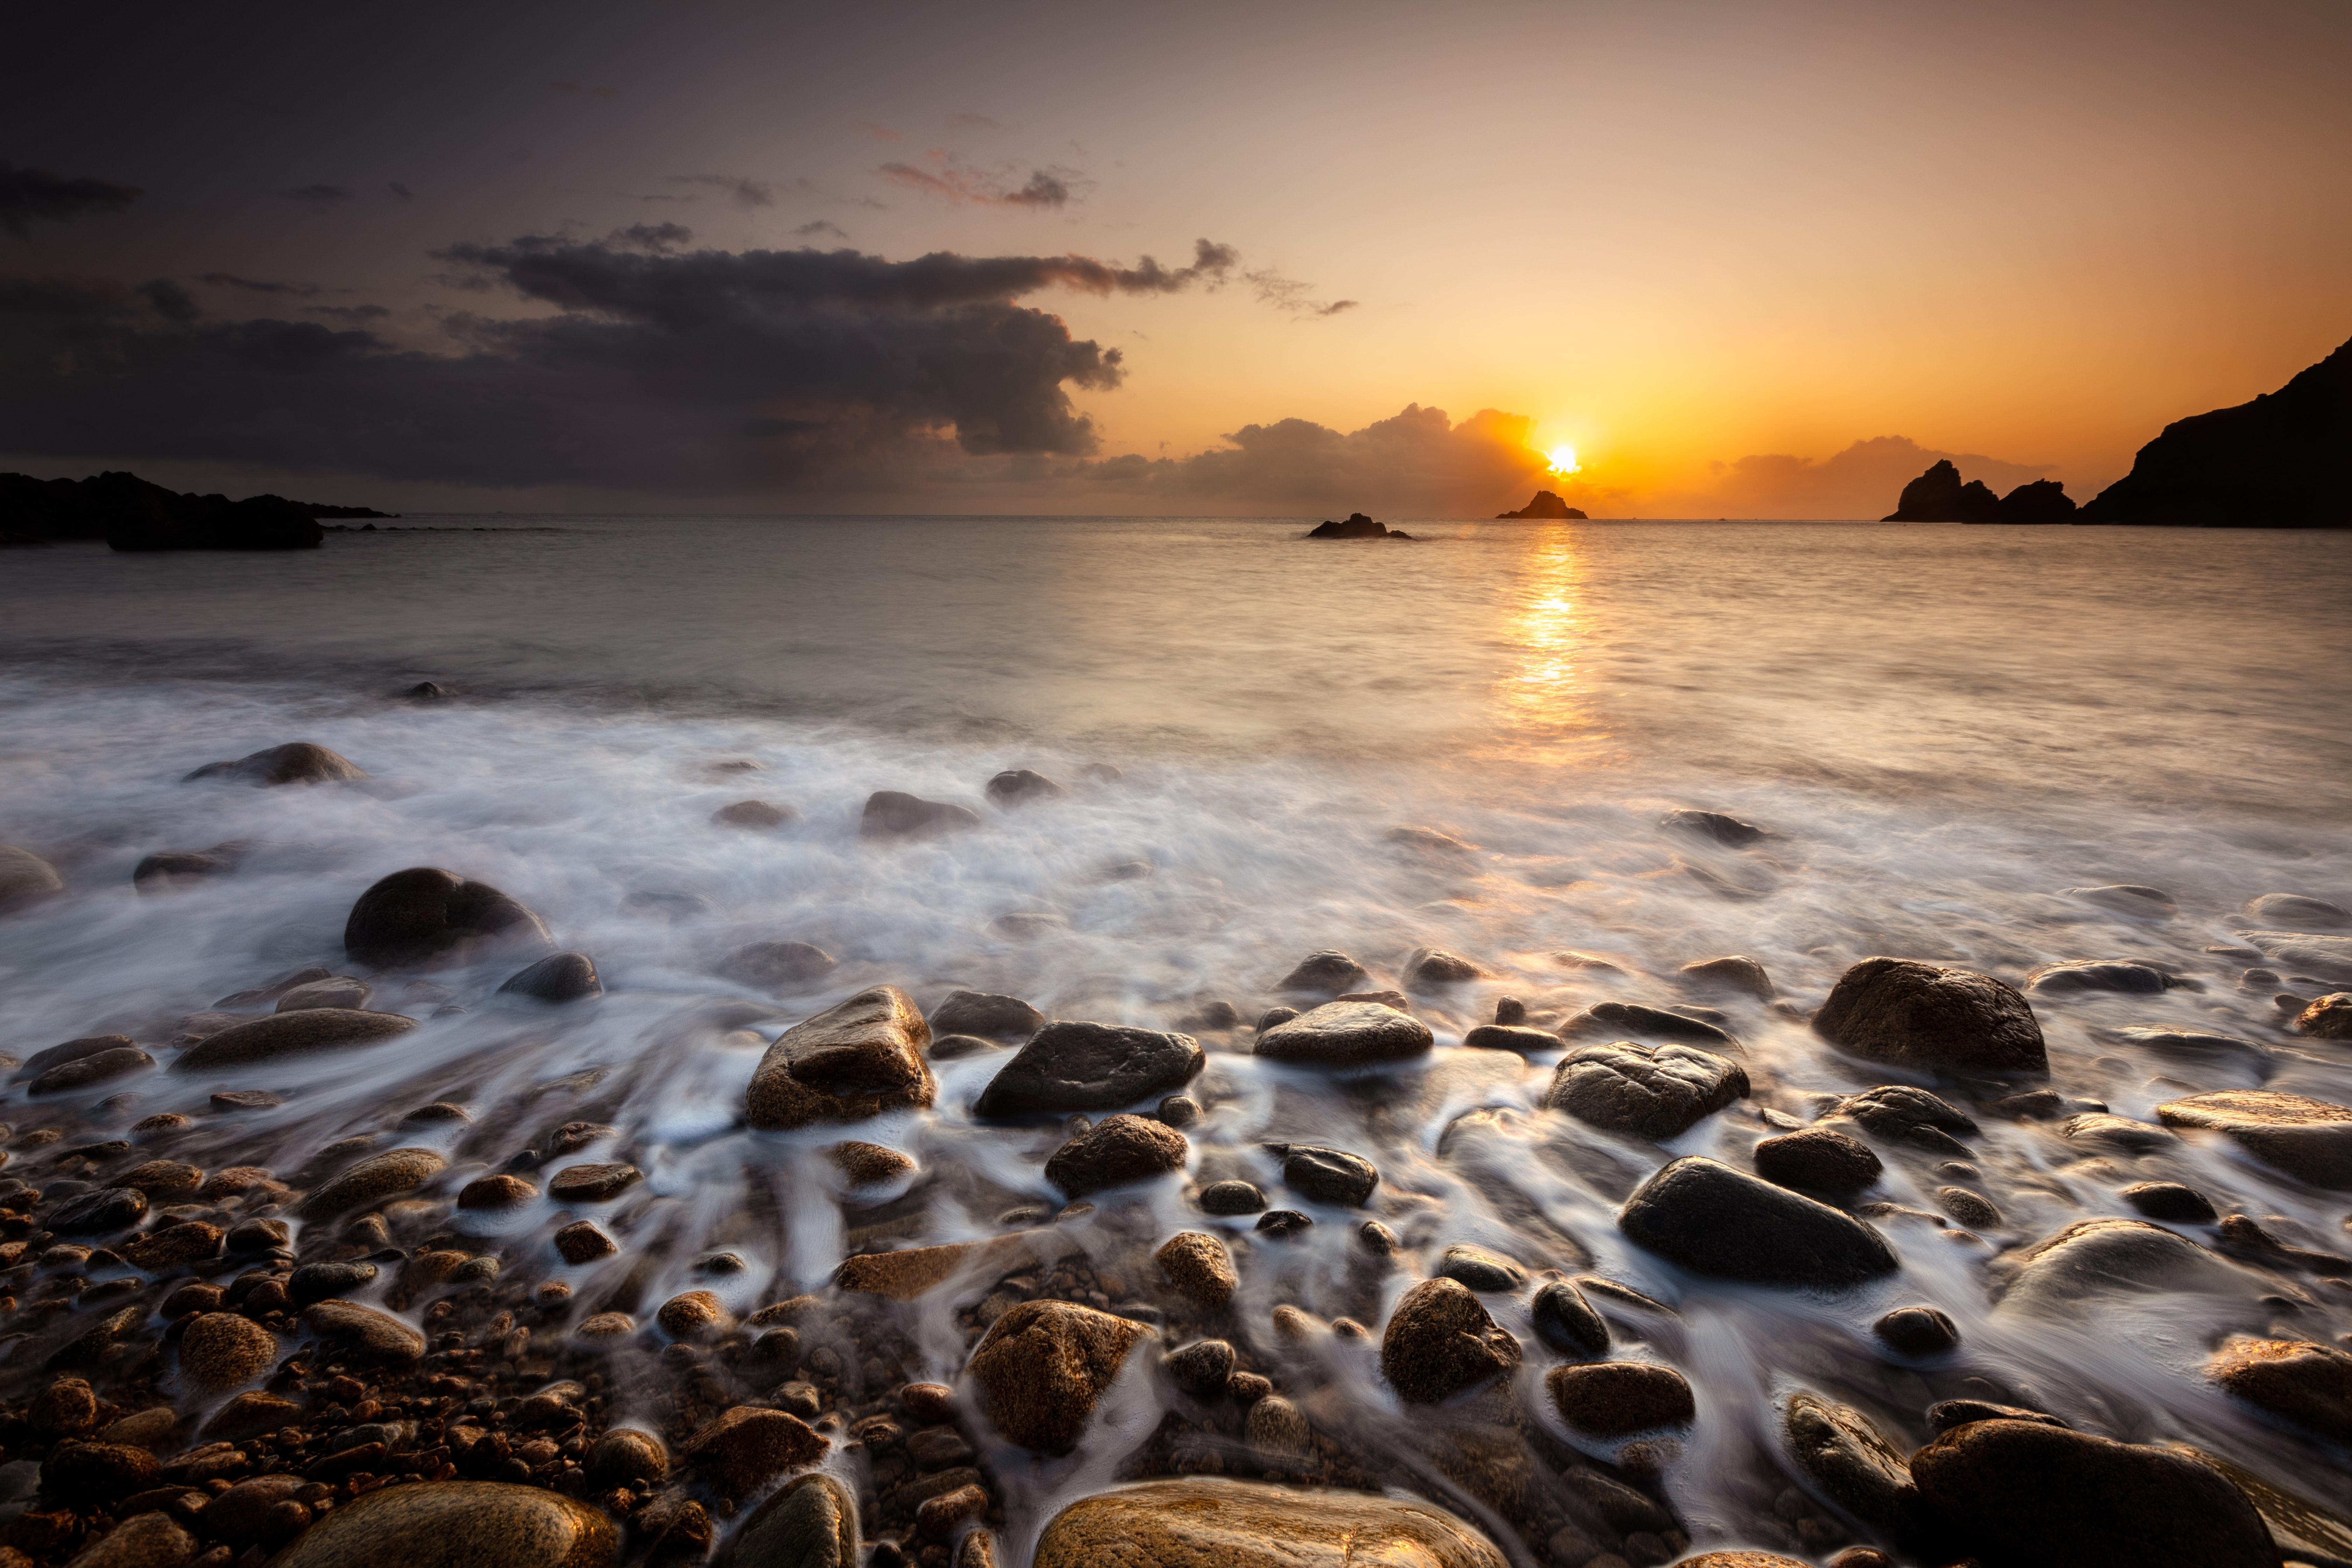 156096 скачать обои Природа, Закат, Камни, Галька, Море, Горизонт - заставки и картинки бесплатно